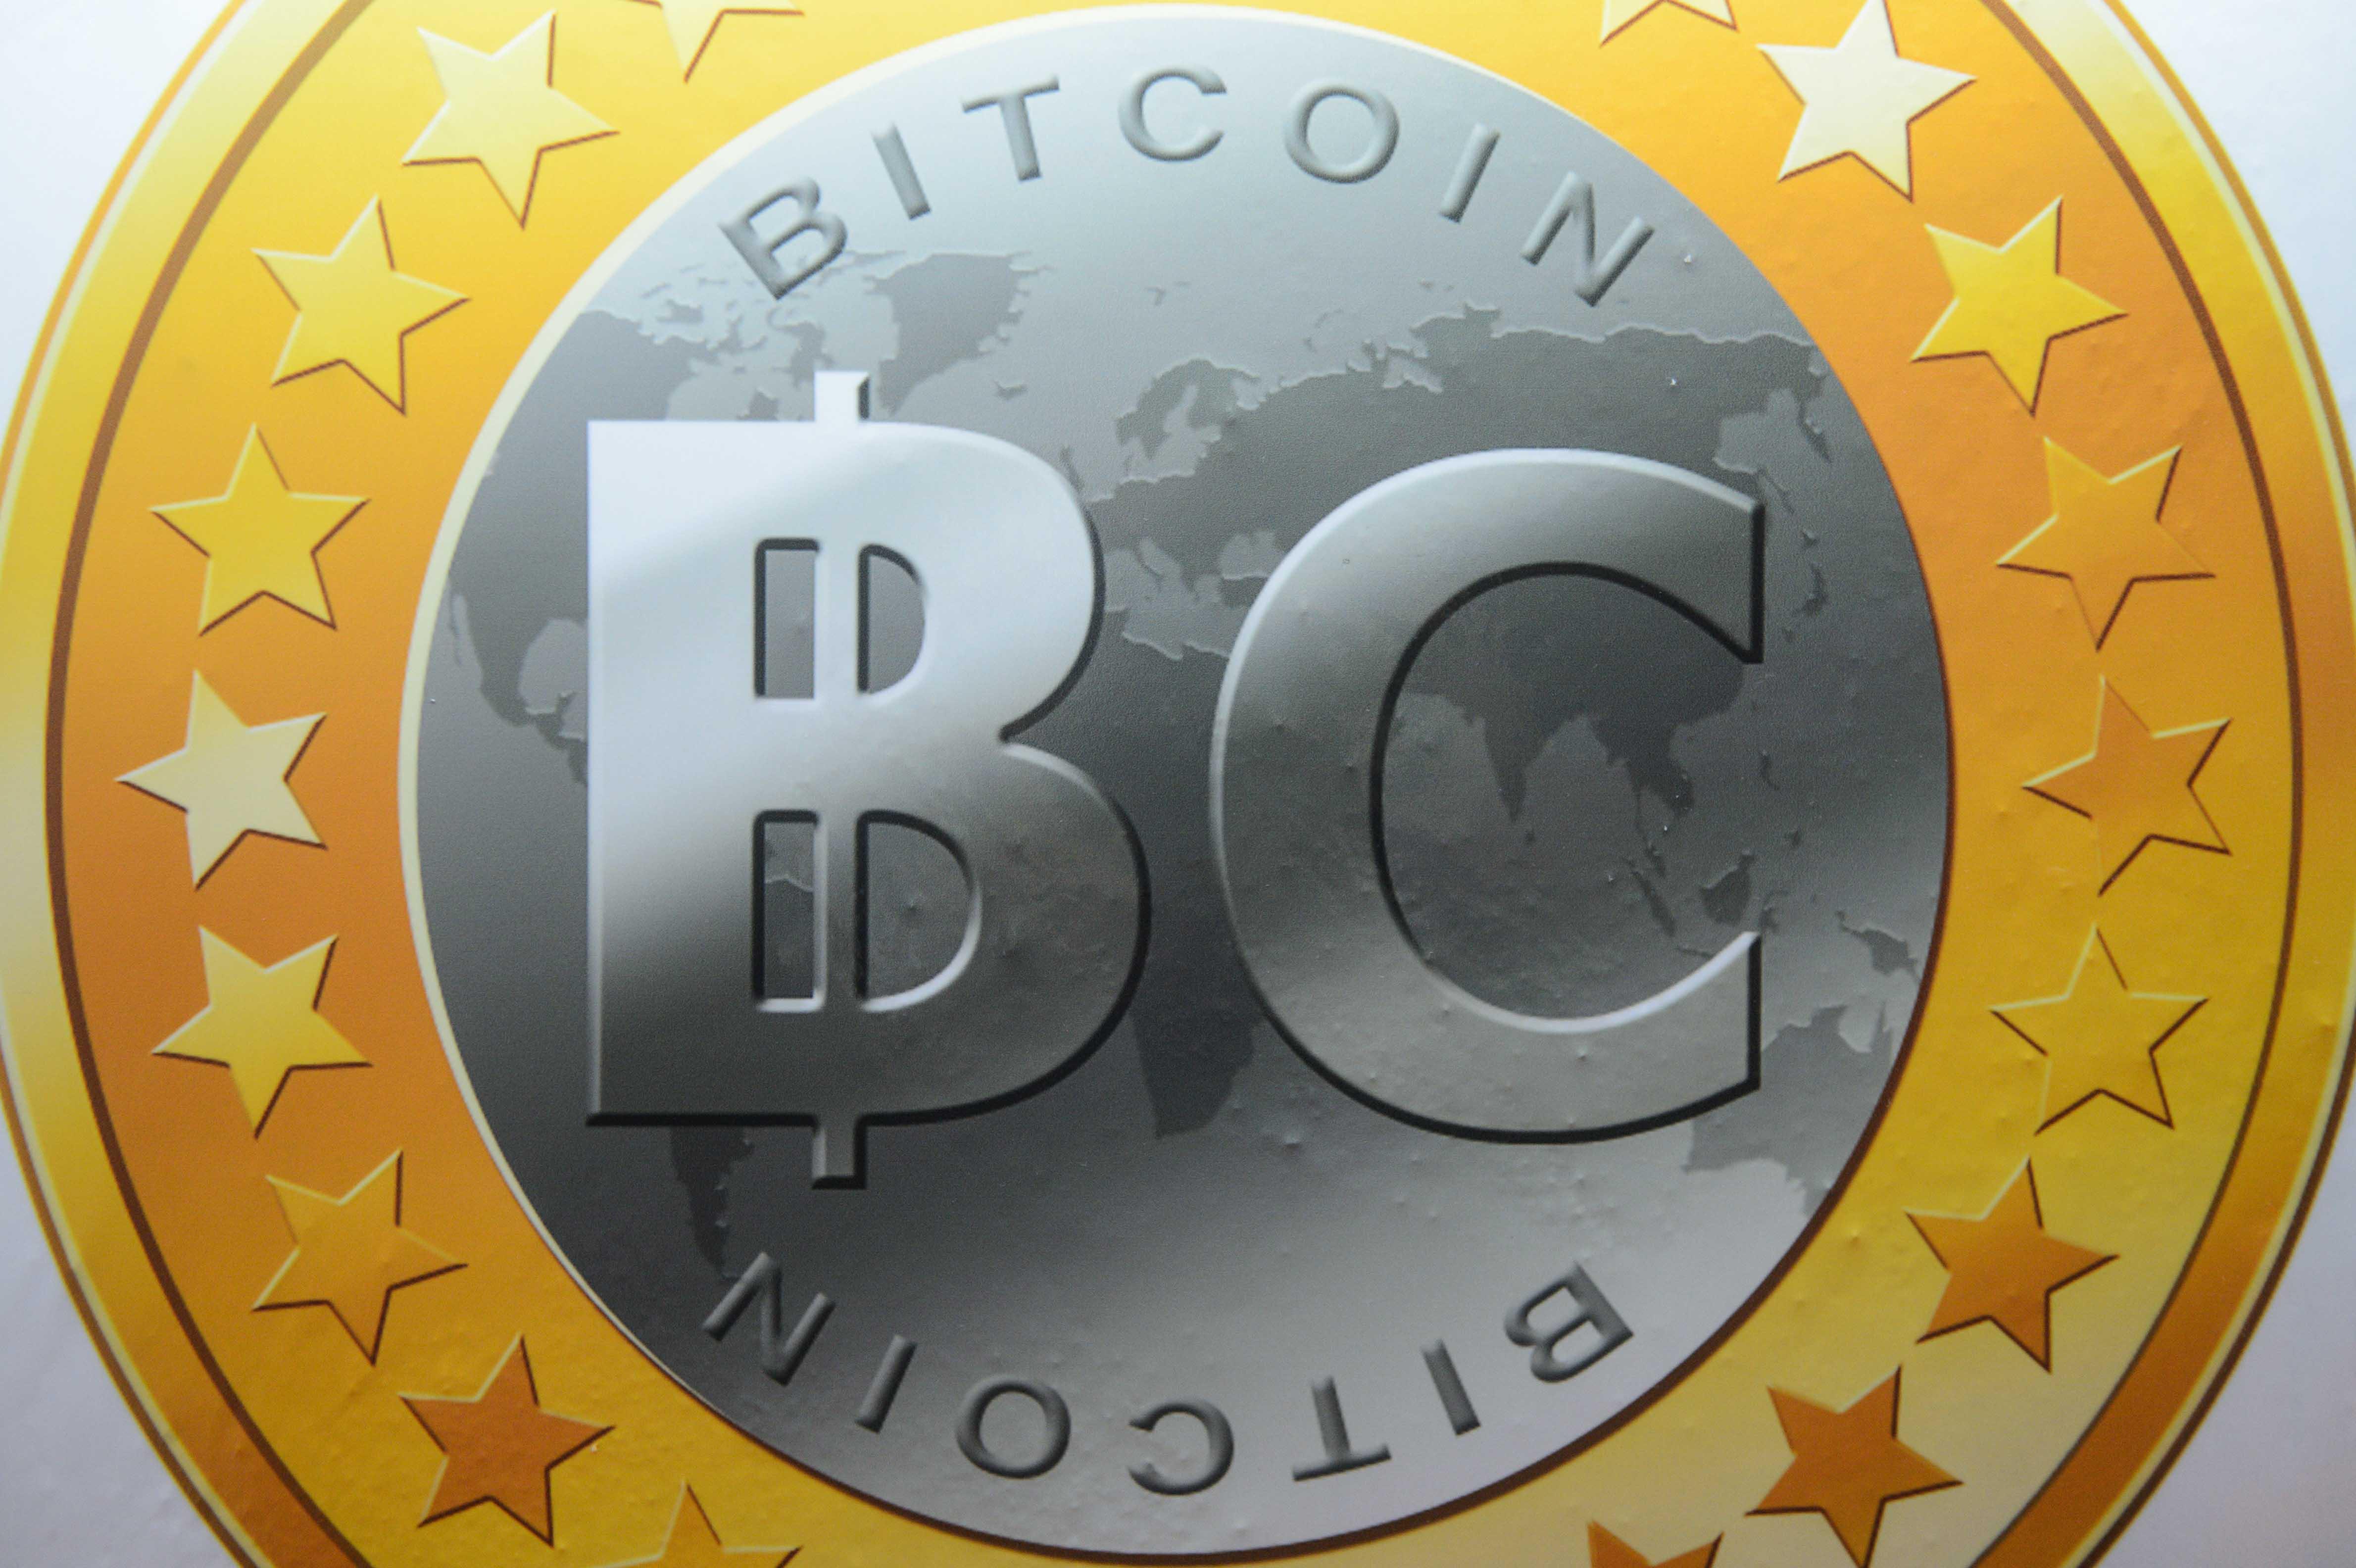 Le Bitcoin et les cryptomonnaies ont suscité un vif intérêt ces derniers mois, tant pour la technologie sur laquelle ils reposent, la blockchain, que pour les profits potentiels que certains croient y déceler. Il existe des milliers de monnaies cryptées,